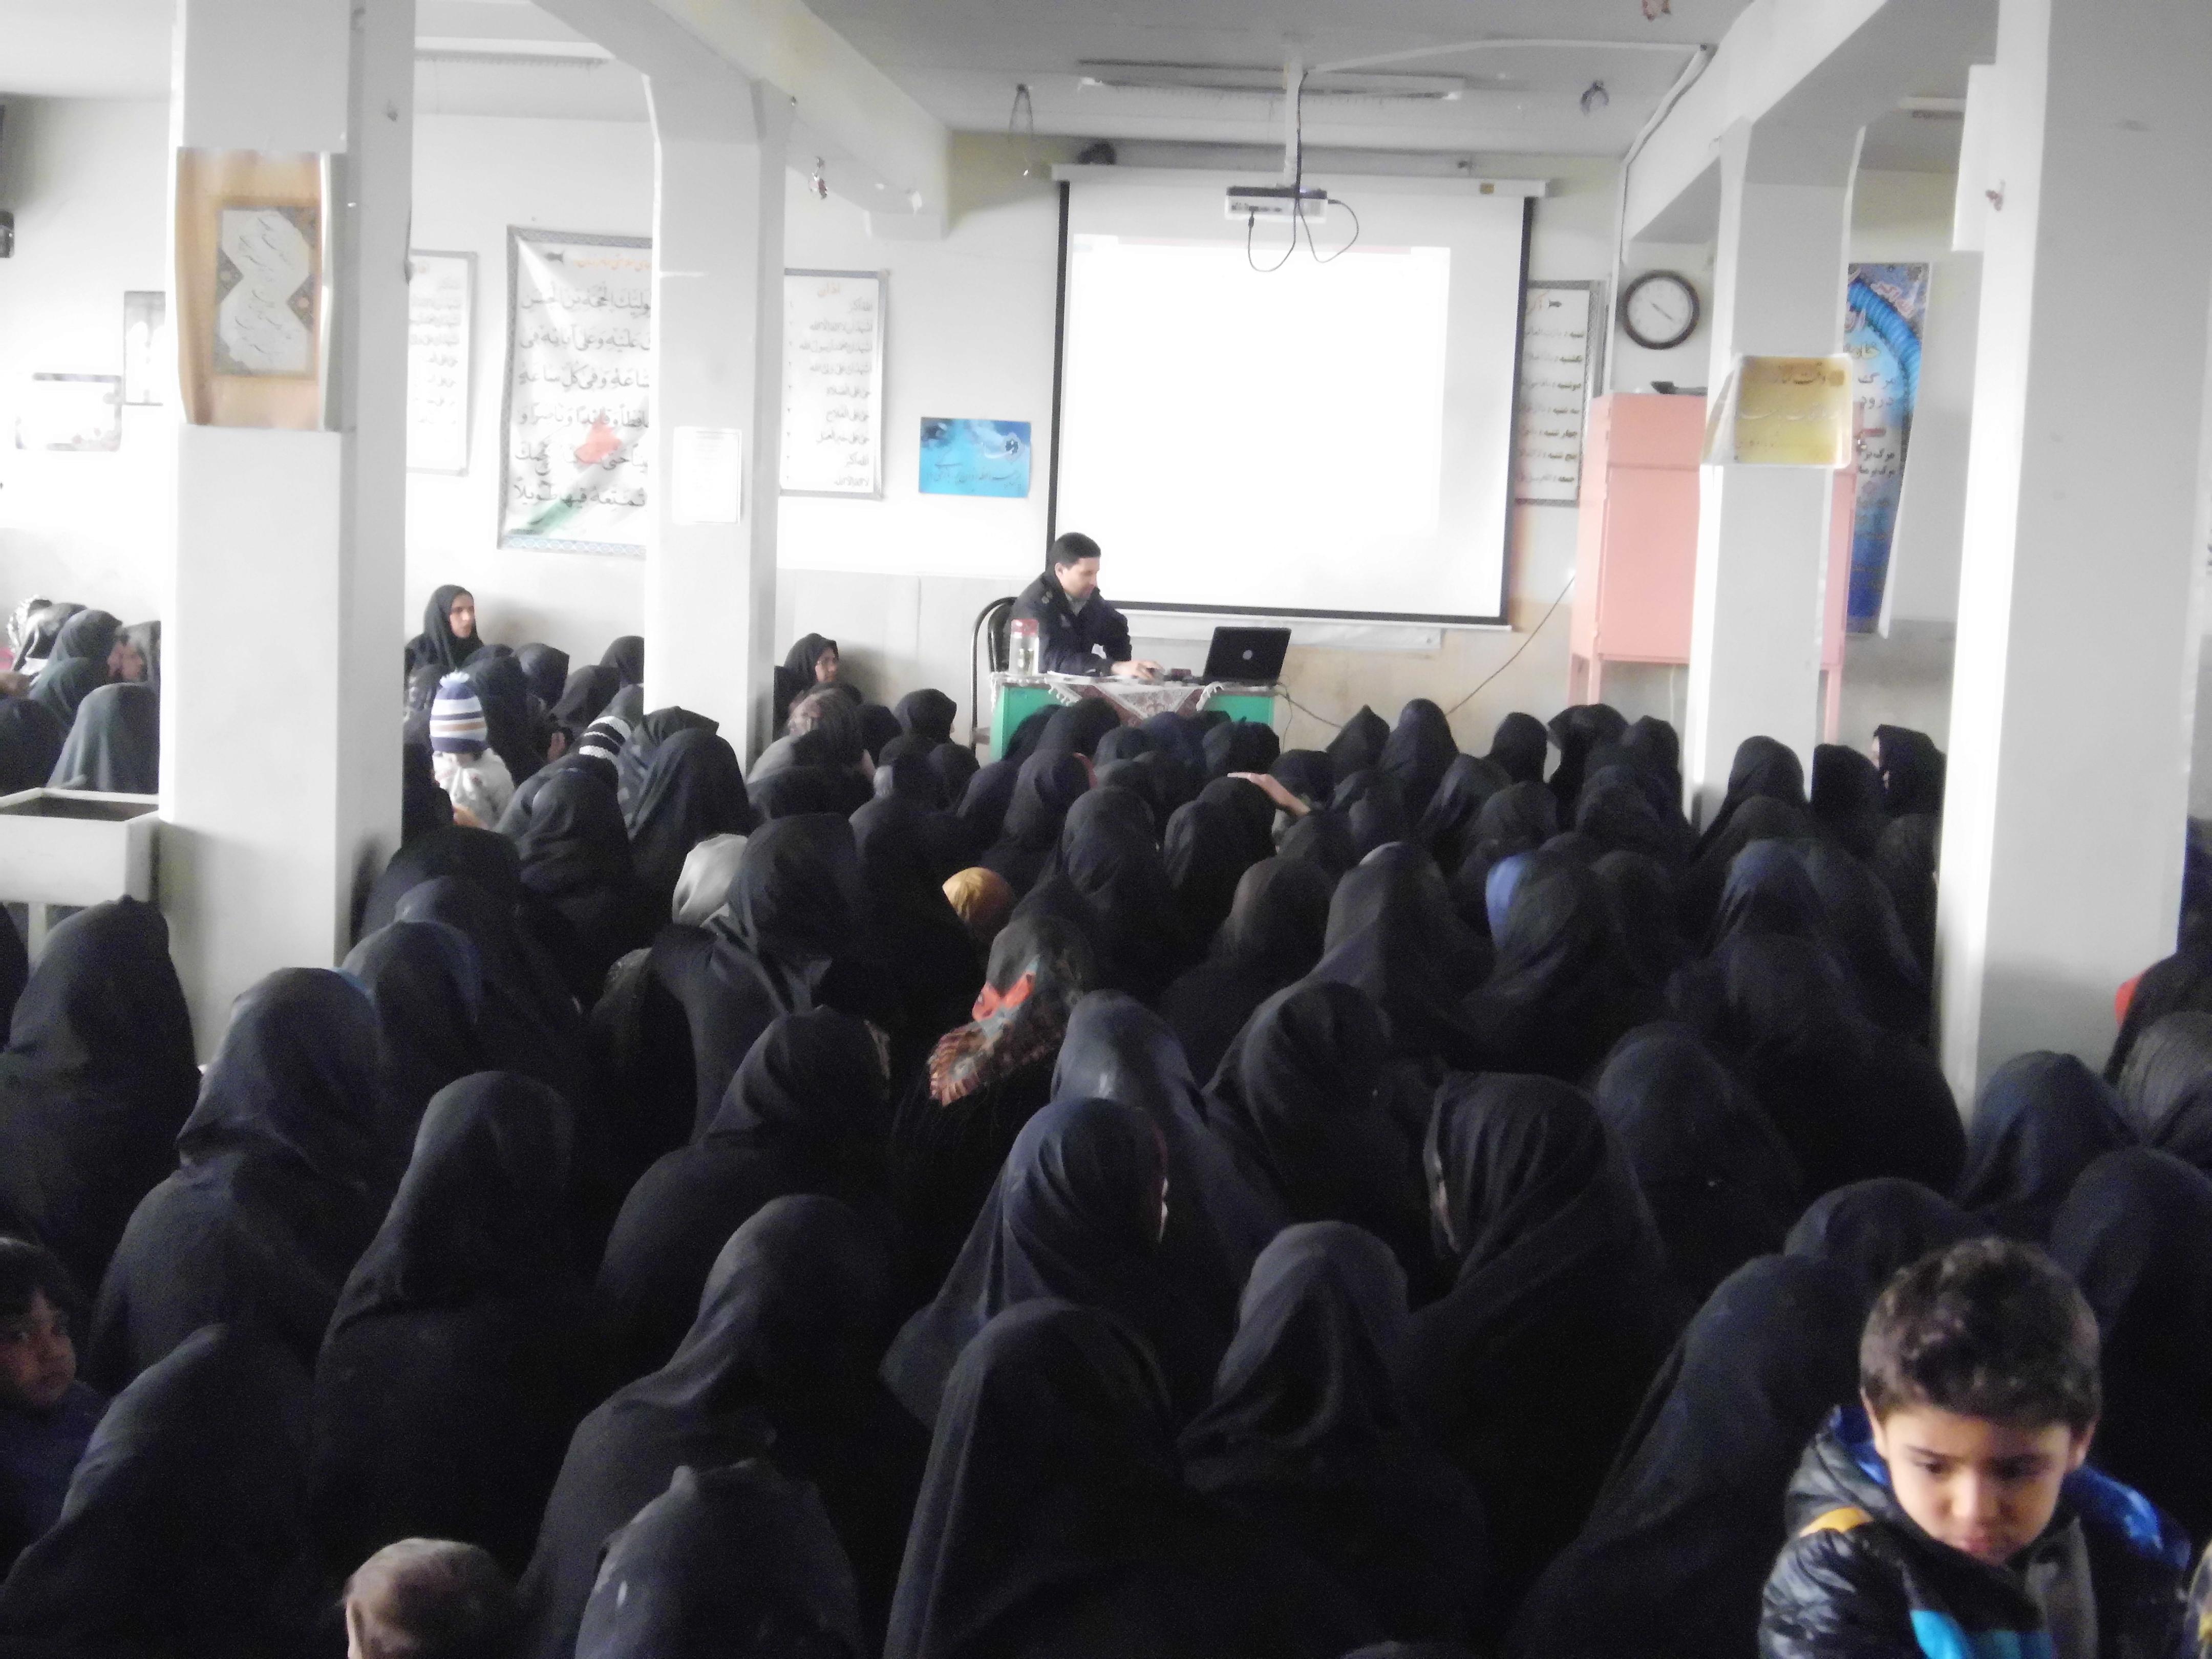 جلسه انجمن واولیا با حضور سرسبز والدین وسخنرانی جناب آقای سبز علی